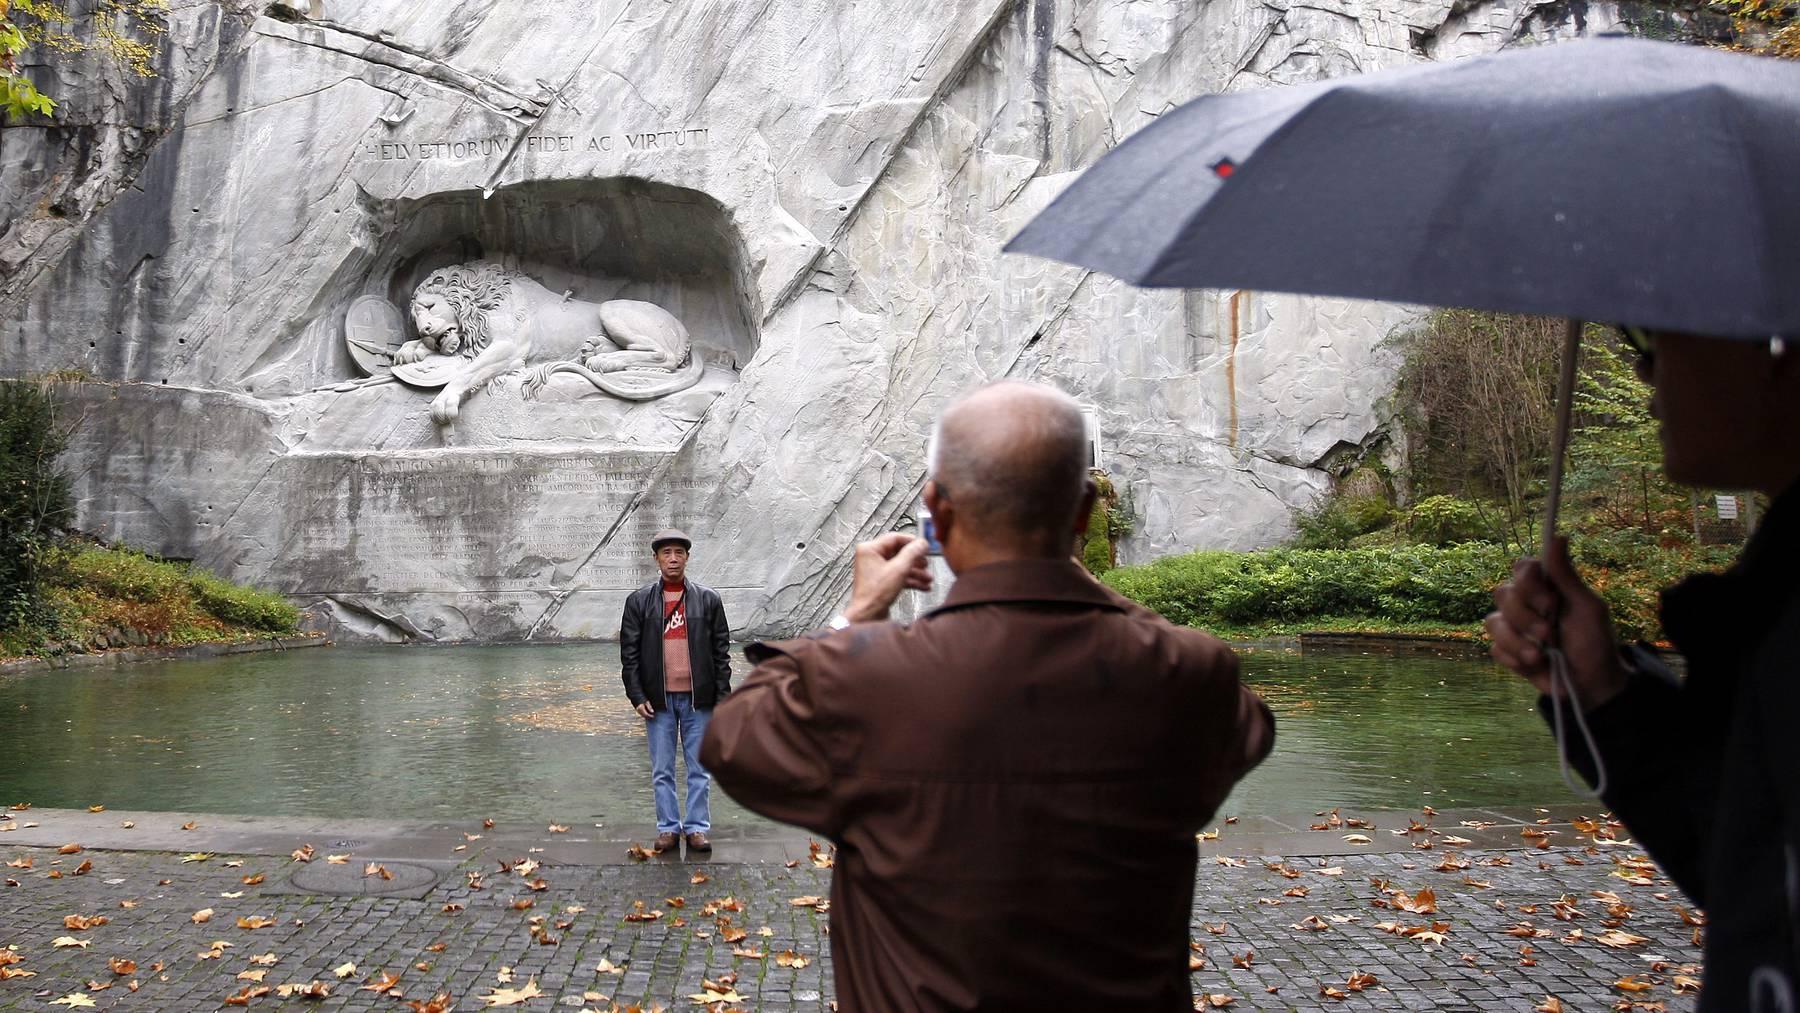 Chinesische Touristen besuchen am Mittwoch, 22. Oktober 2008 bei regnerischem Herbstwetter das Loewendenkmal in Luzern.